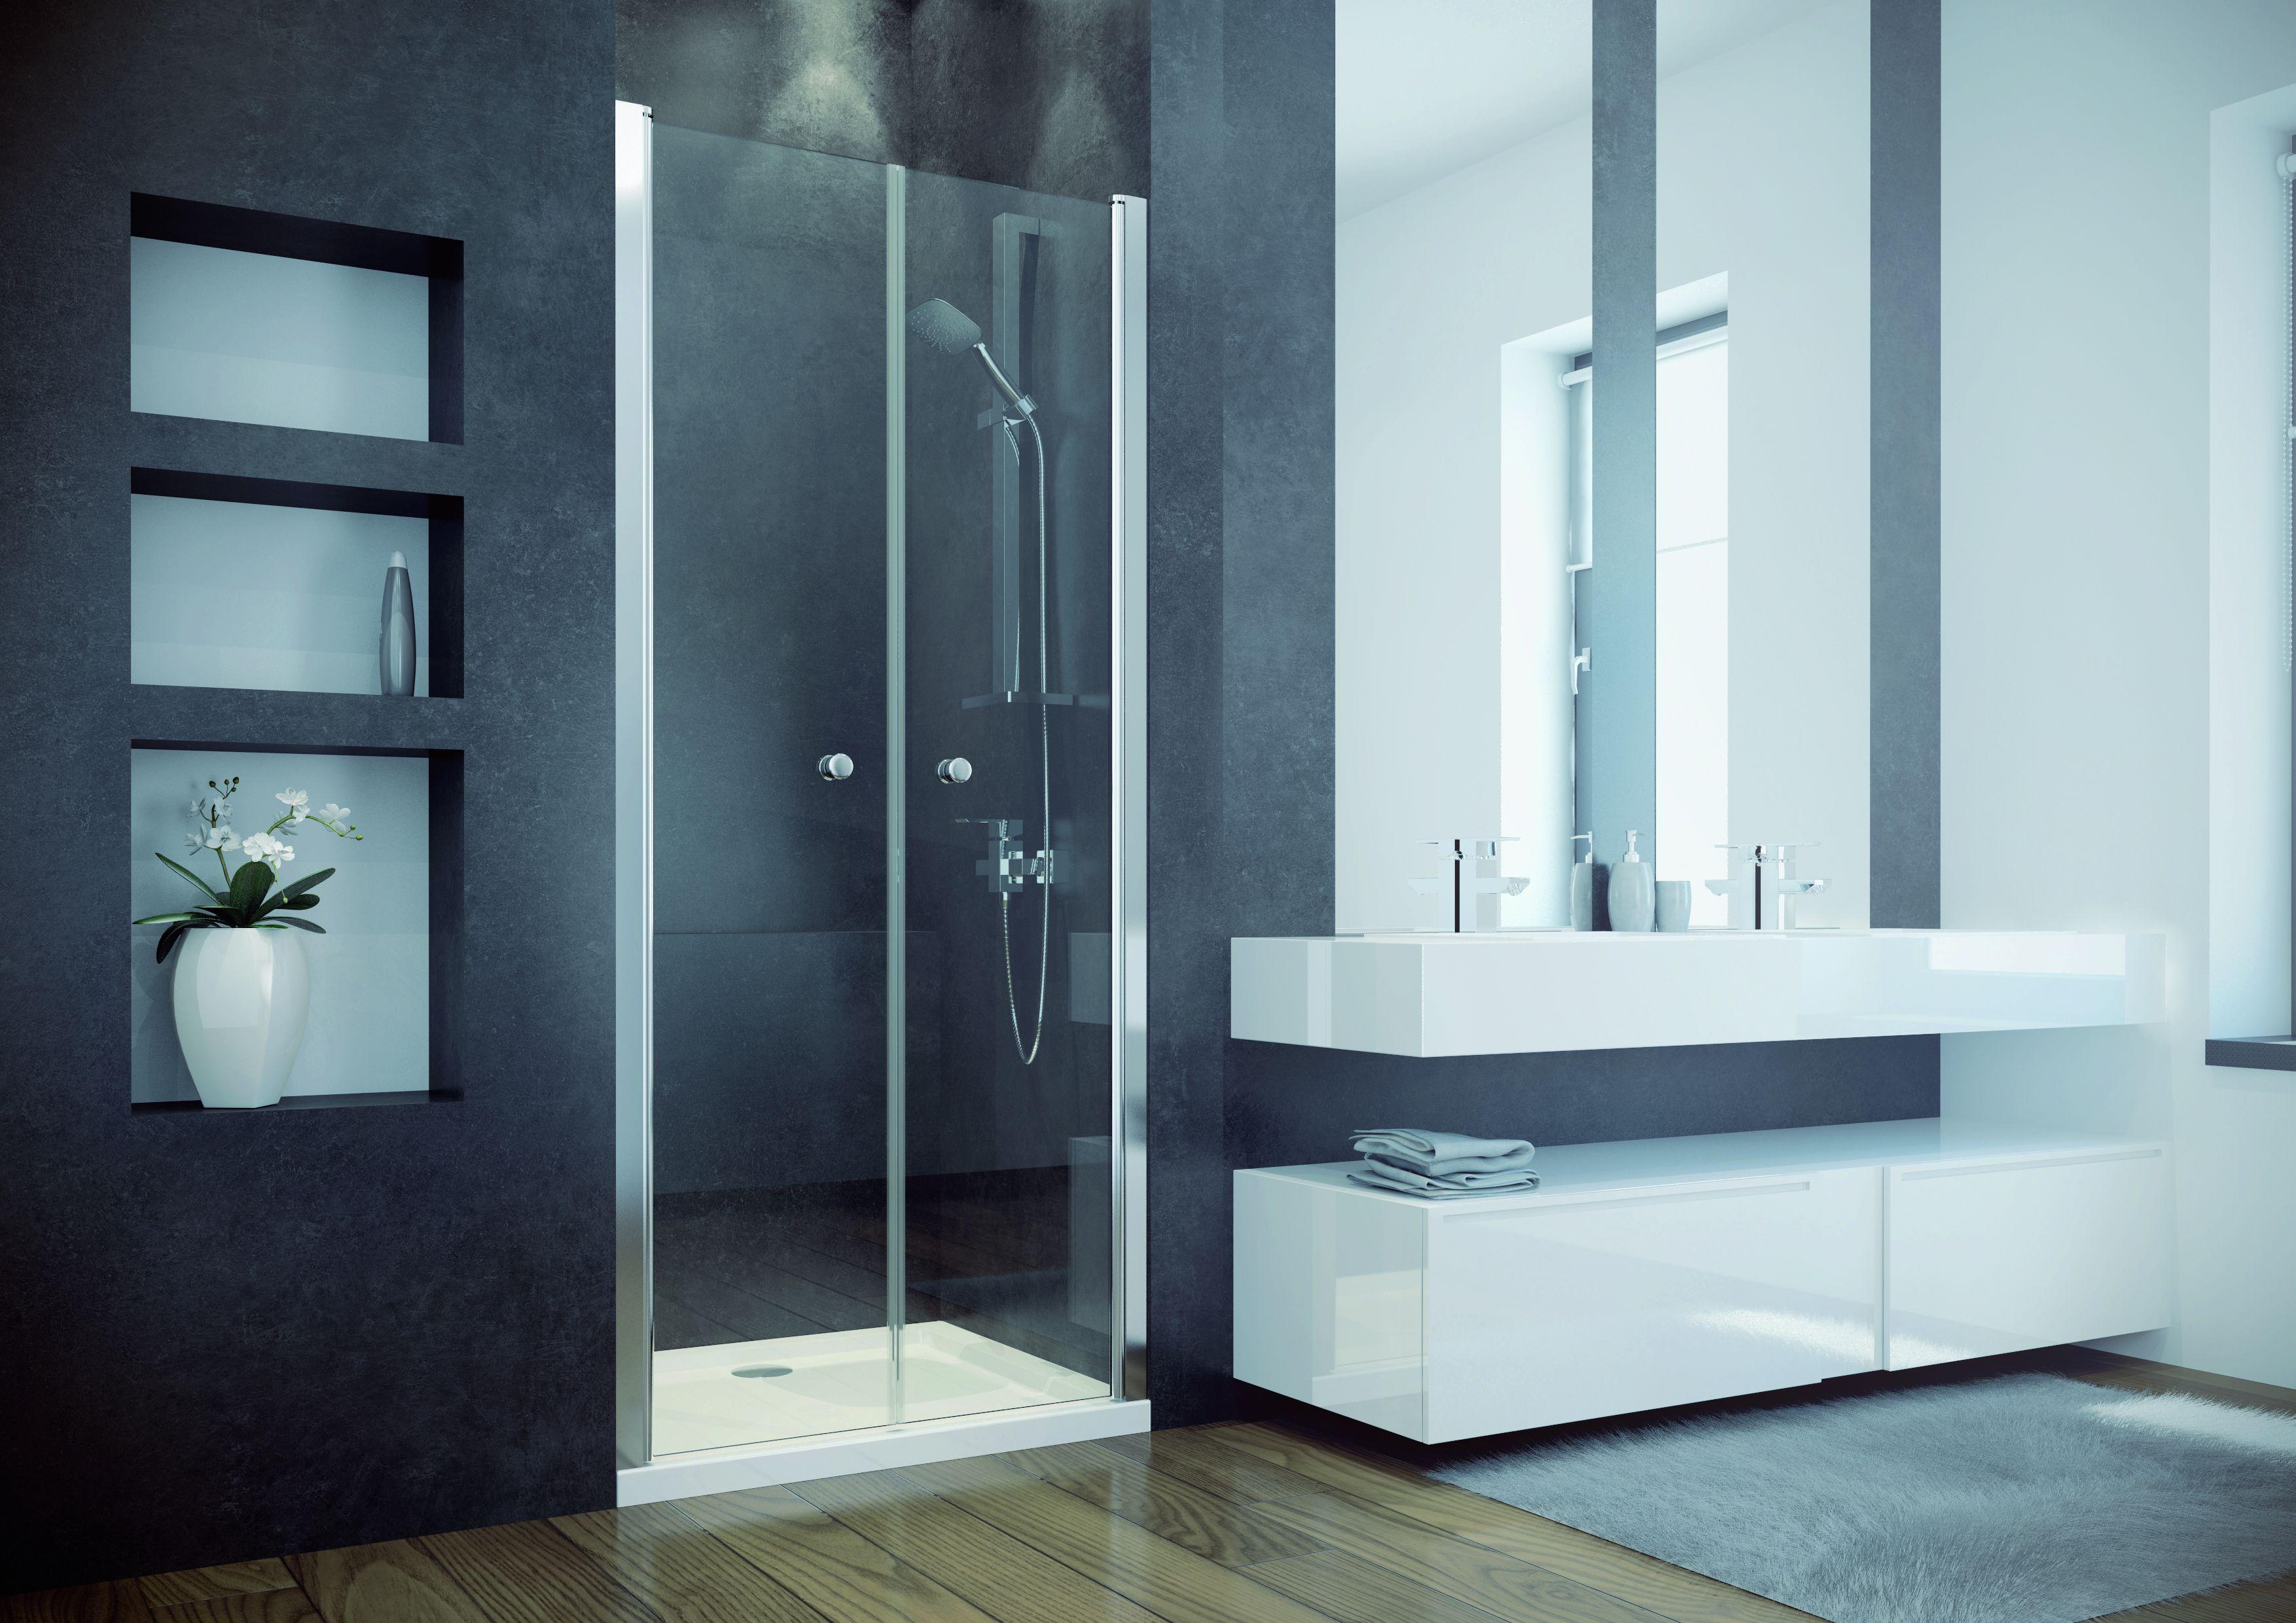 HOPA - Bezrámové sprchové dvere SINCO DUE - Farba rámu zásteny - Hliník chróm, Rozmer A - 90 cm, Smer zatváranie - Univerzálny Ľavé / Pravé, Výplň - Číre bezpečnostné sklo - 6 mm, Výška - 195 cm BCSIN90DUE